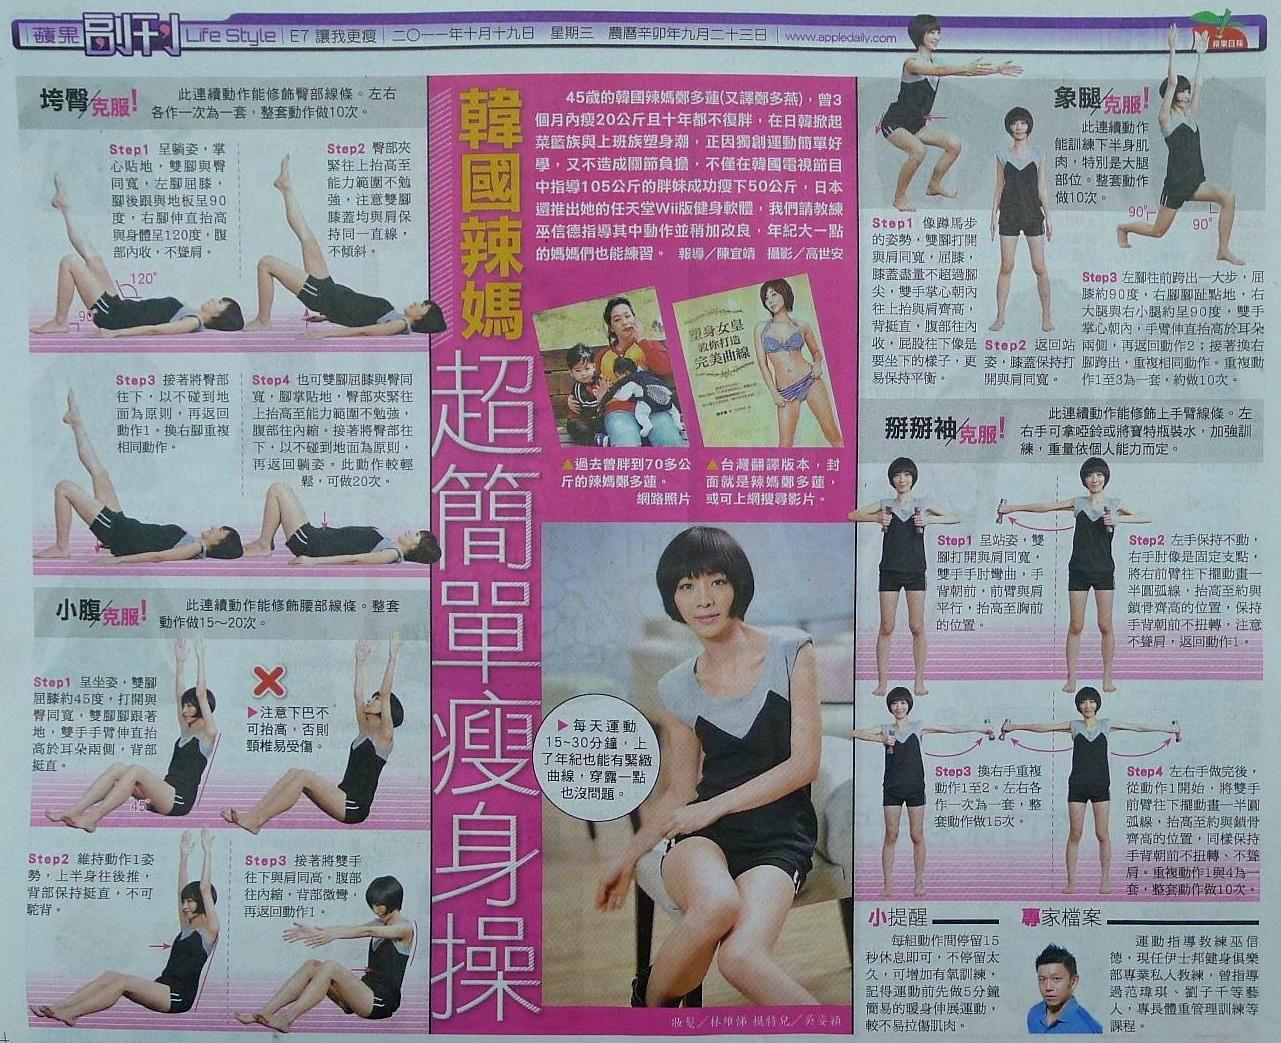 韓國辣媽 超簡單瘦身操